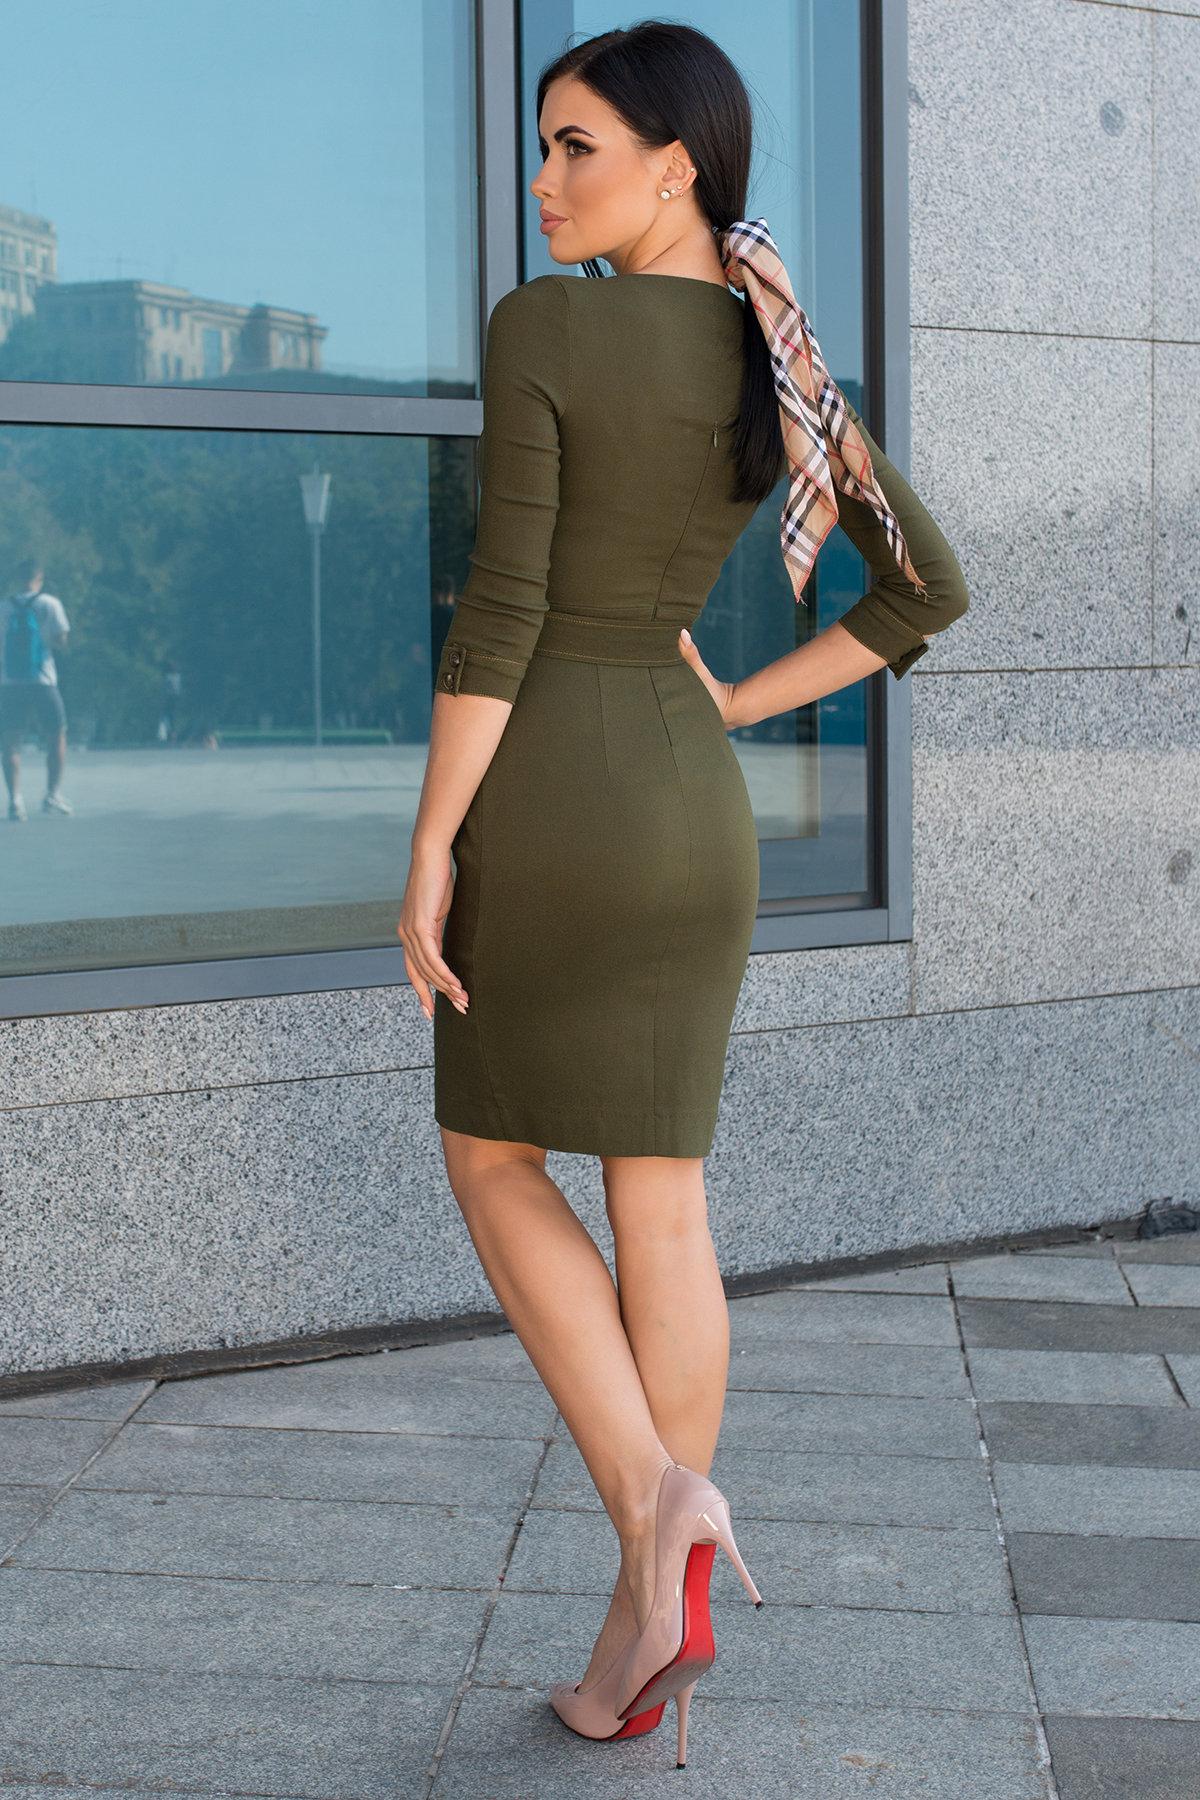 Платье-футляр Марсель 7656 АРТ. 43747 Цвет: Хаки - фото 4, интернет магазин tm-modus.ru